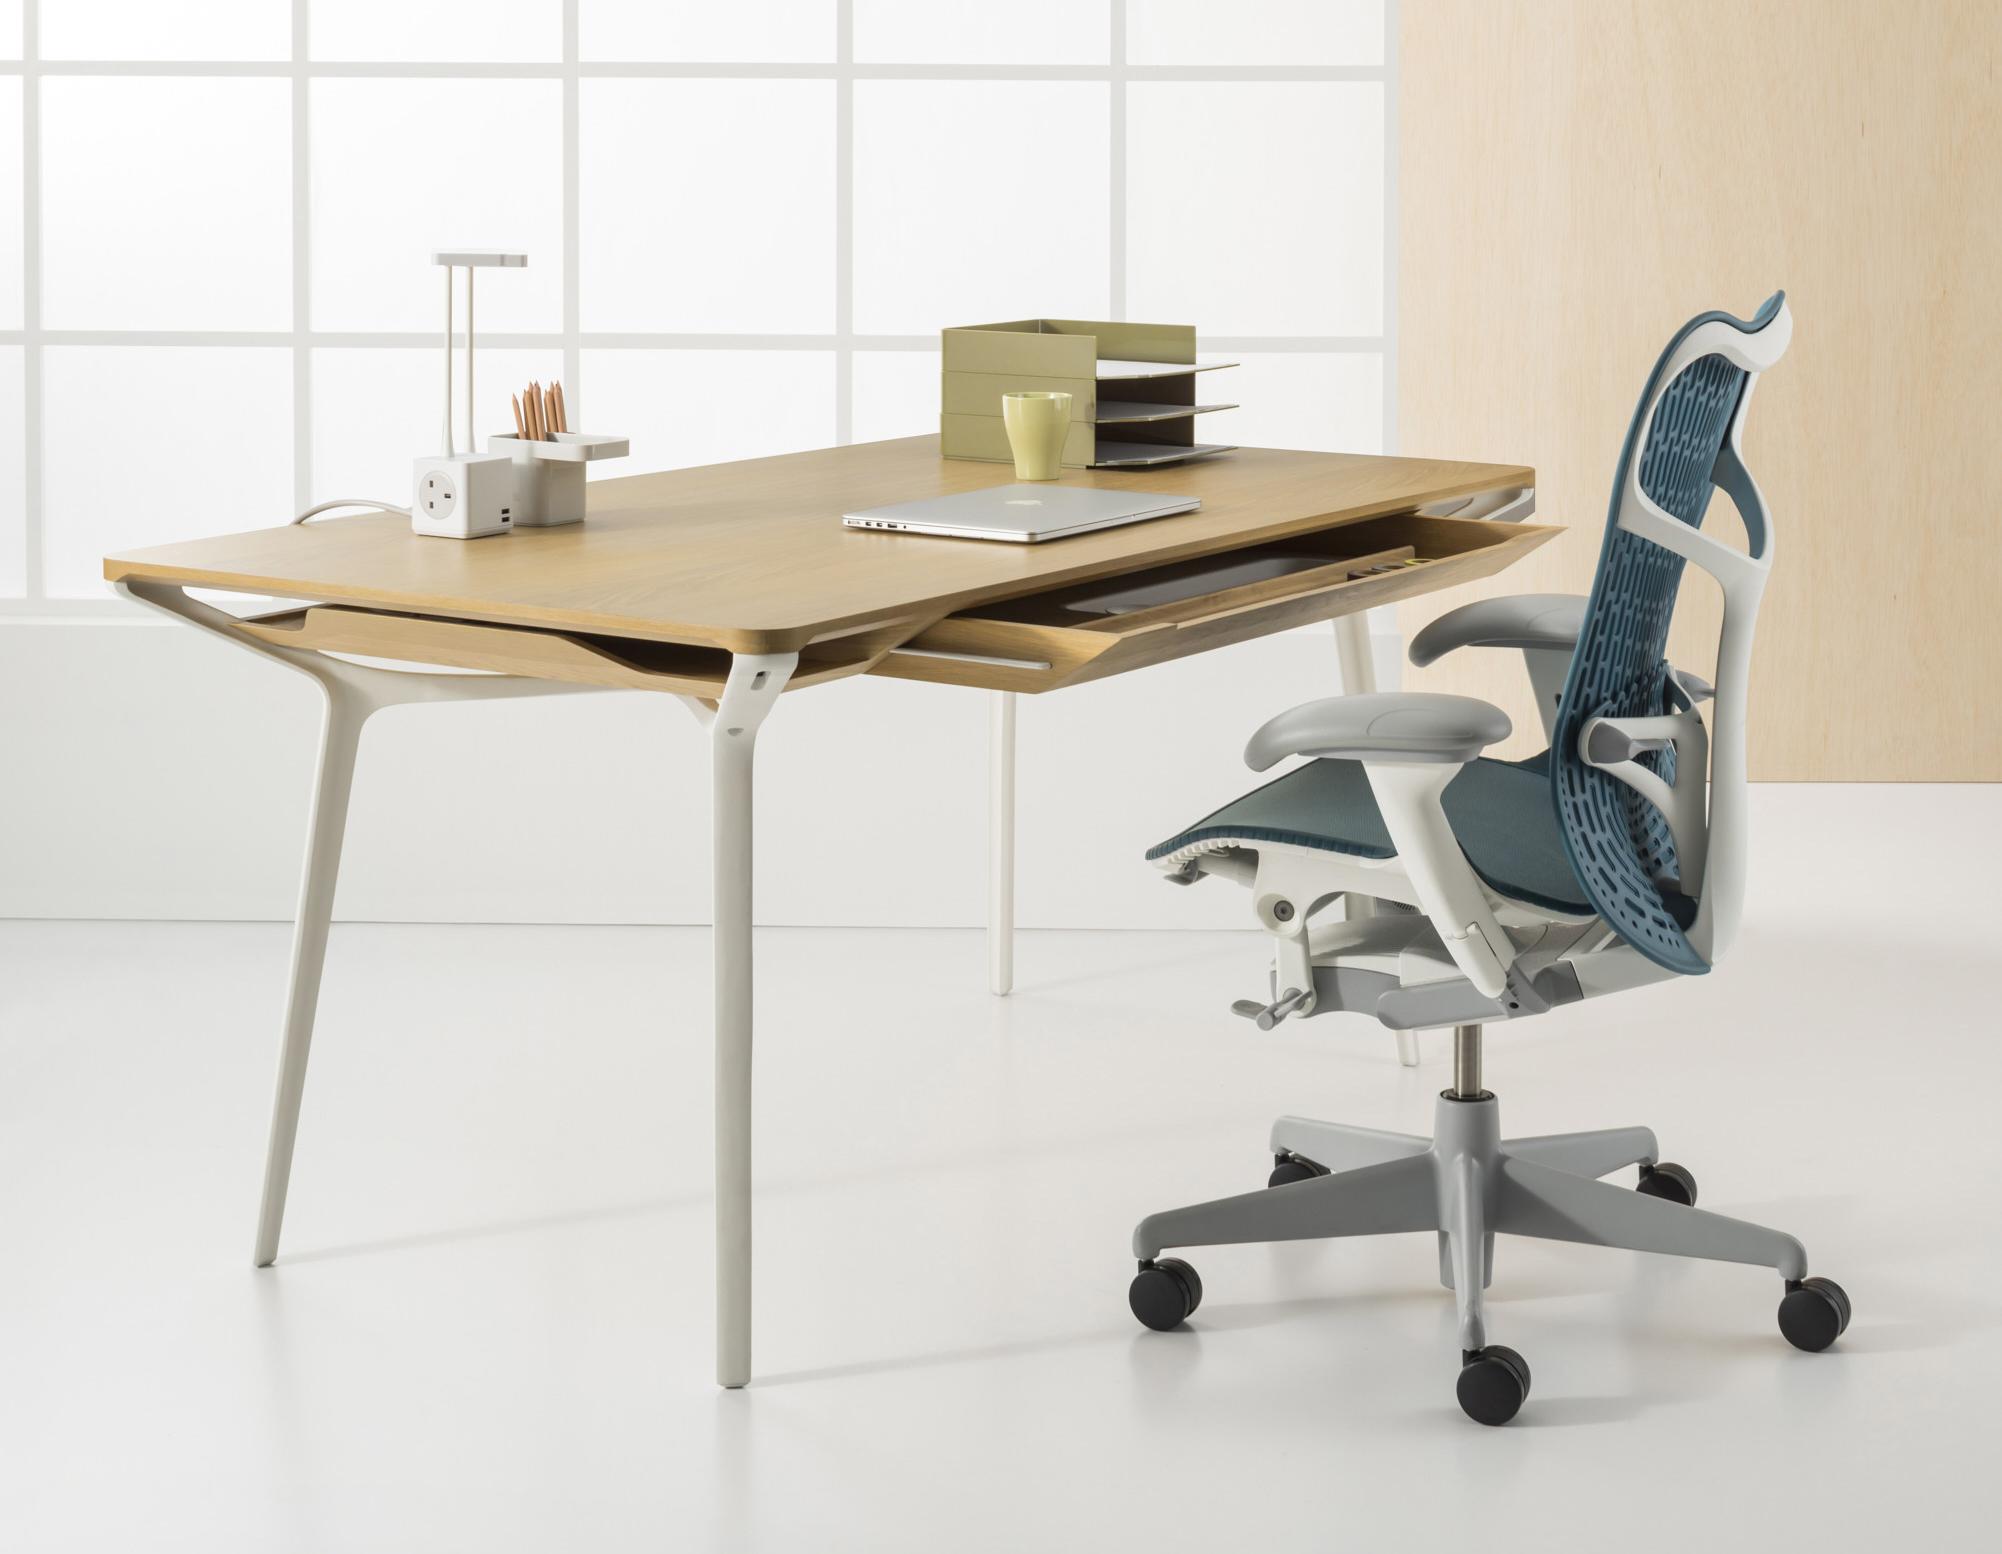 カラフテーブルとミラ2チェア